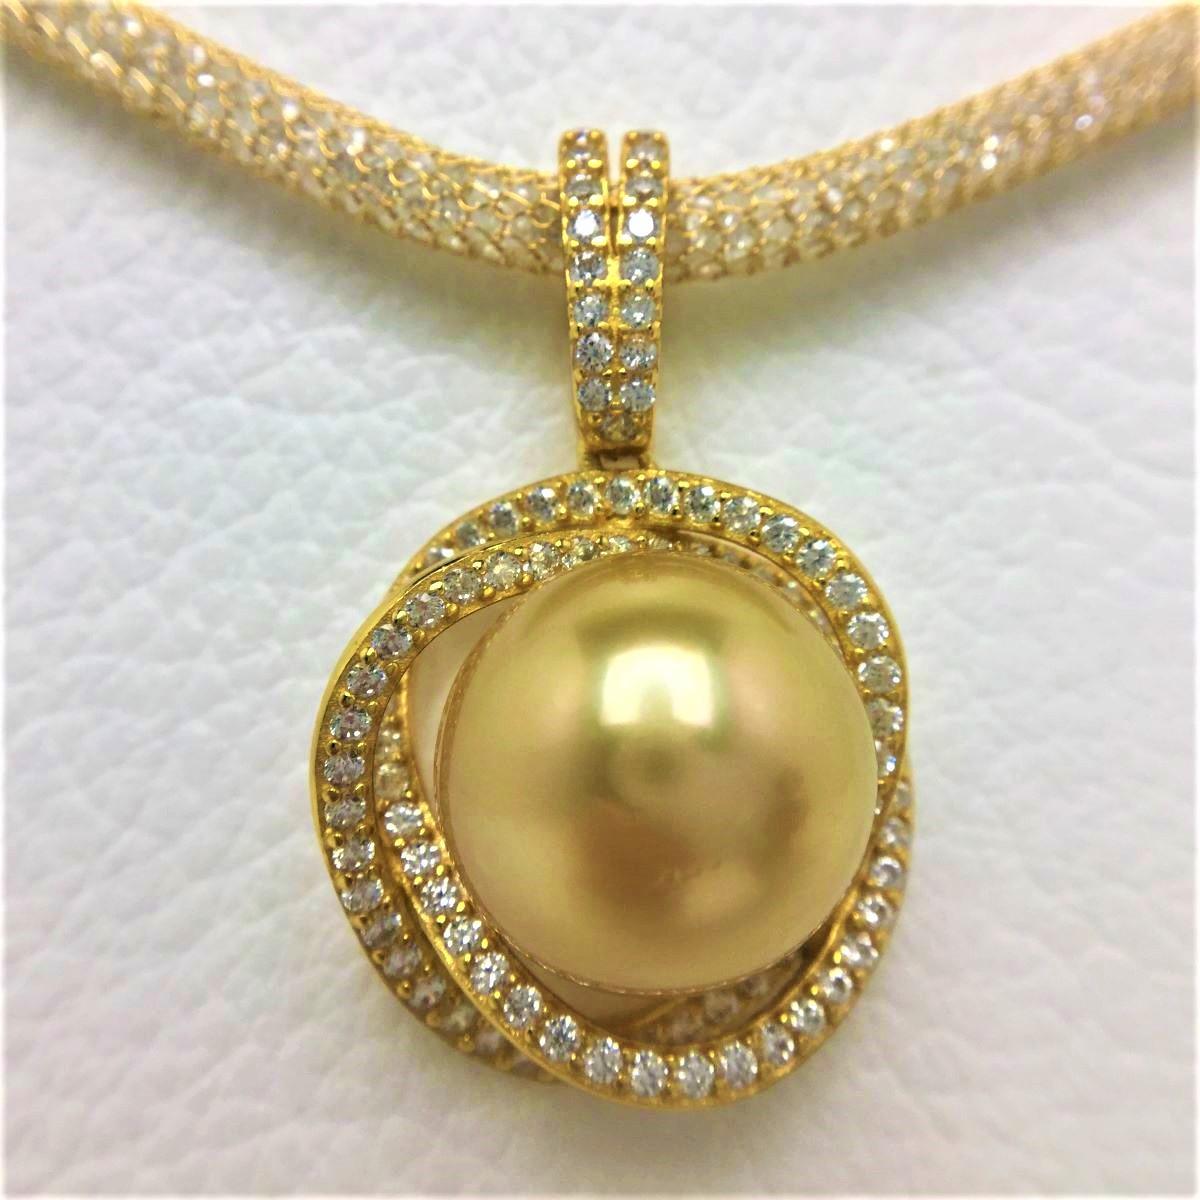 【10%OFF】真珠 ペンダント パール 白蝶真珠 12.83mm ゴールド(ナチュラル) シルバー 66982 イソワパール